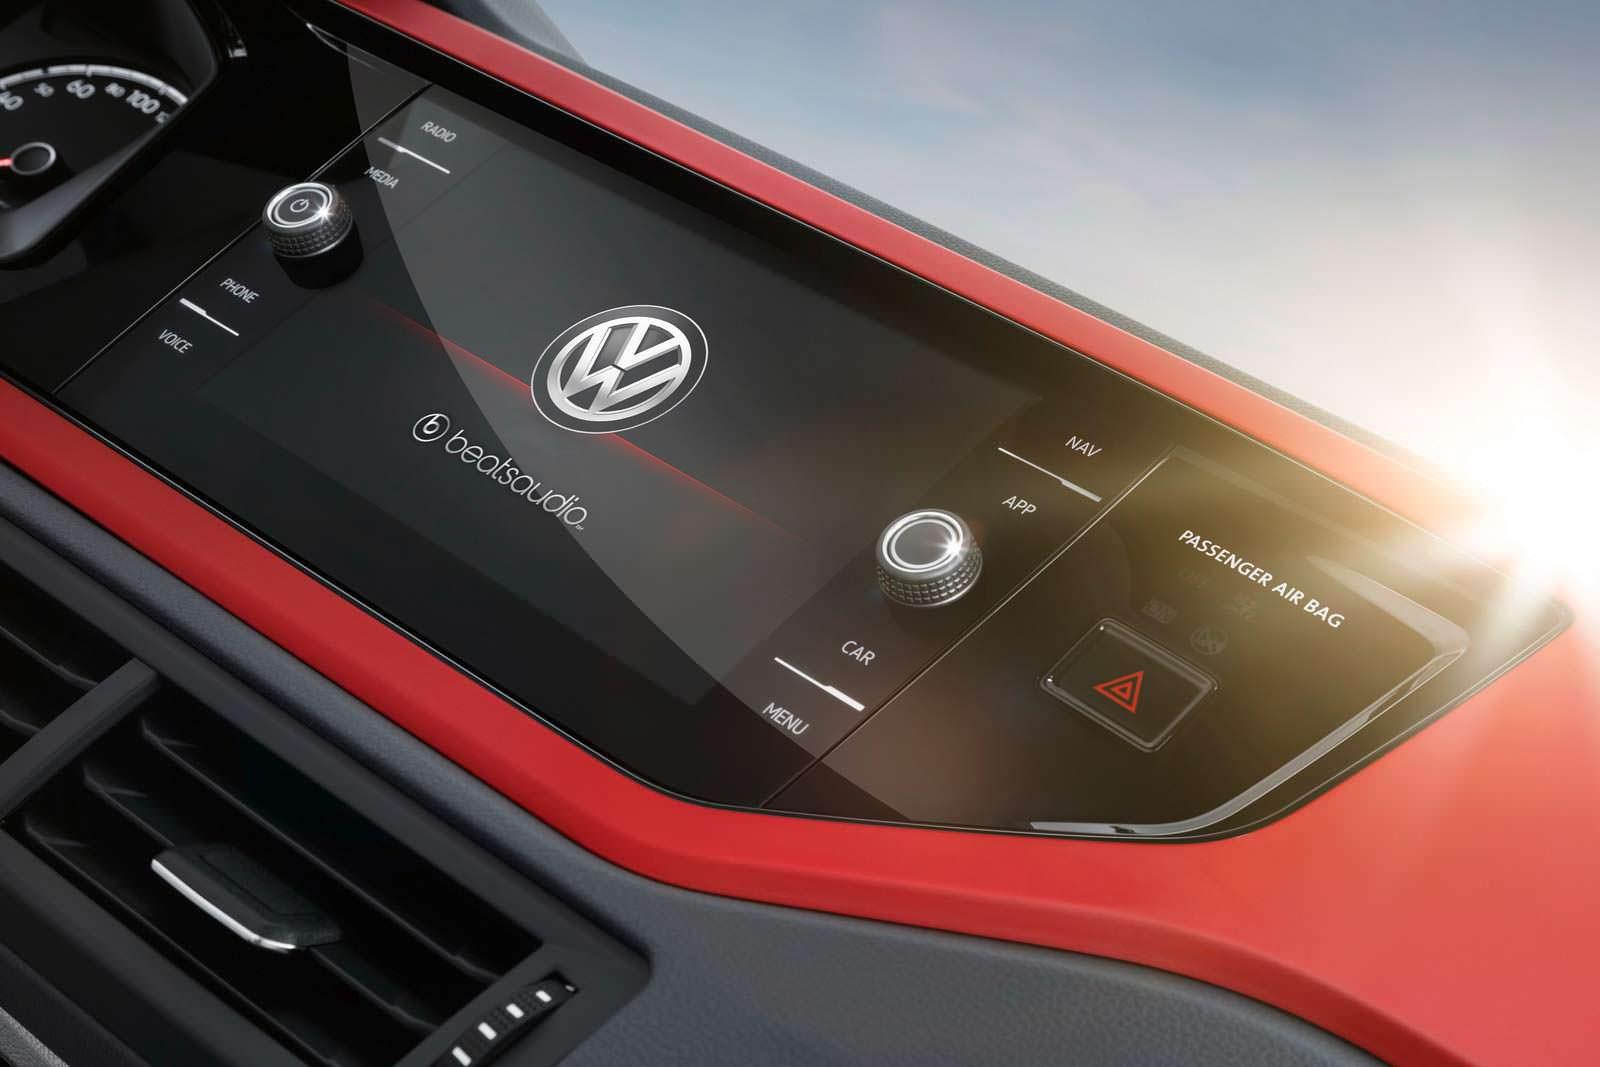 Цифровой дисплей VW Polo GTI. 2018 модельный год